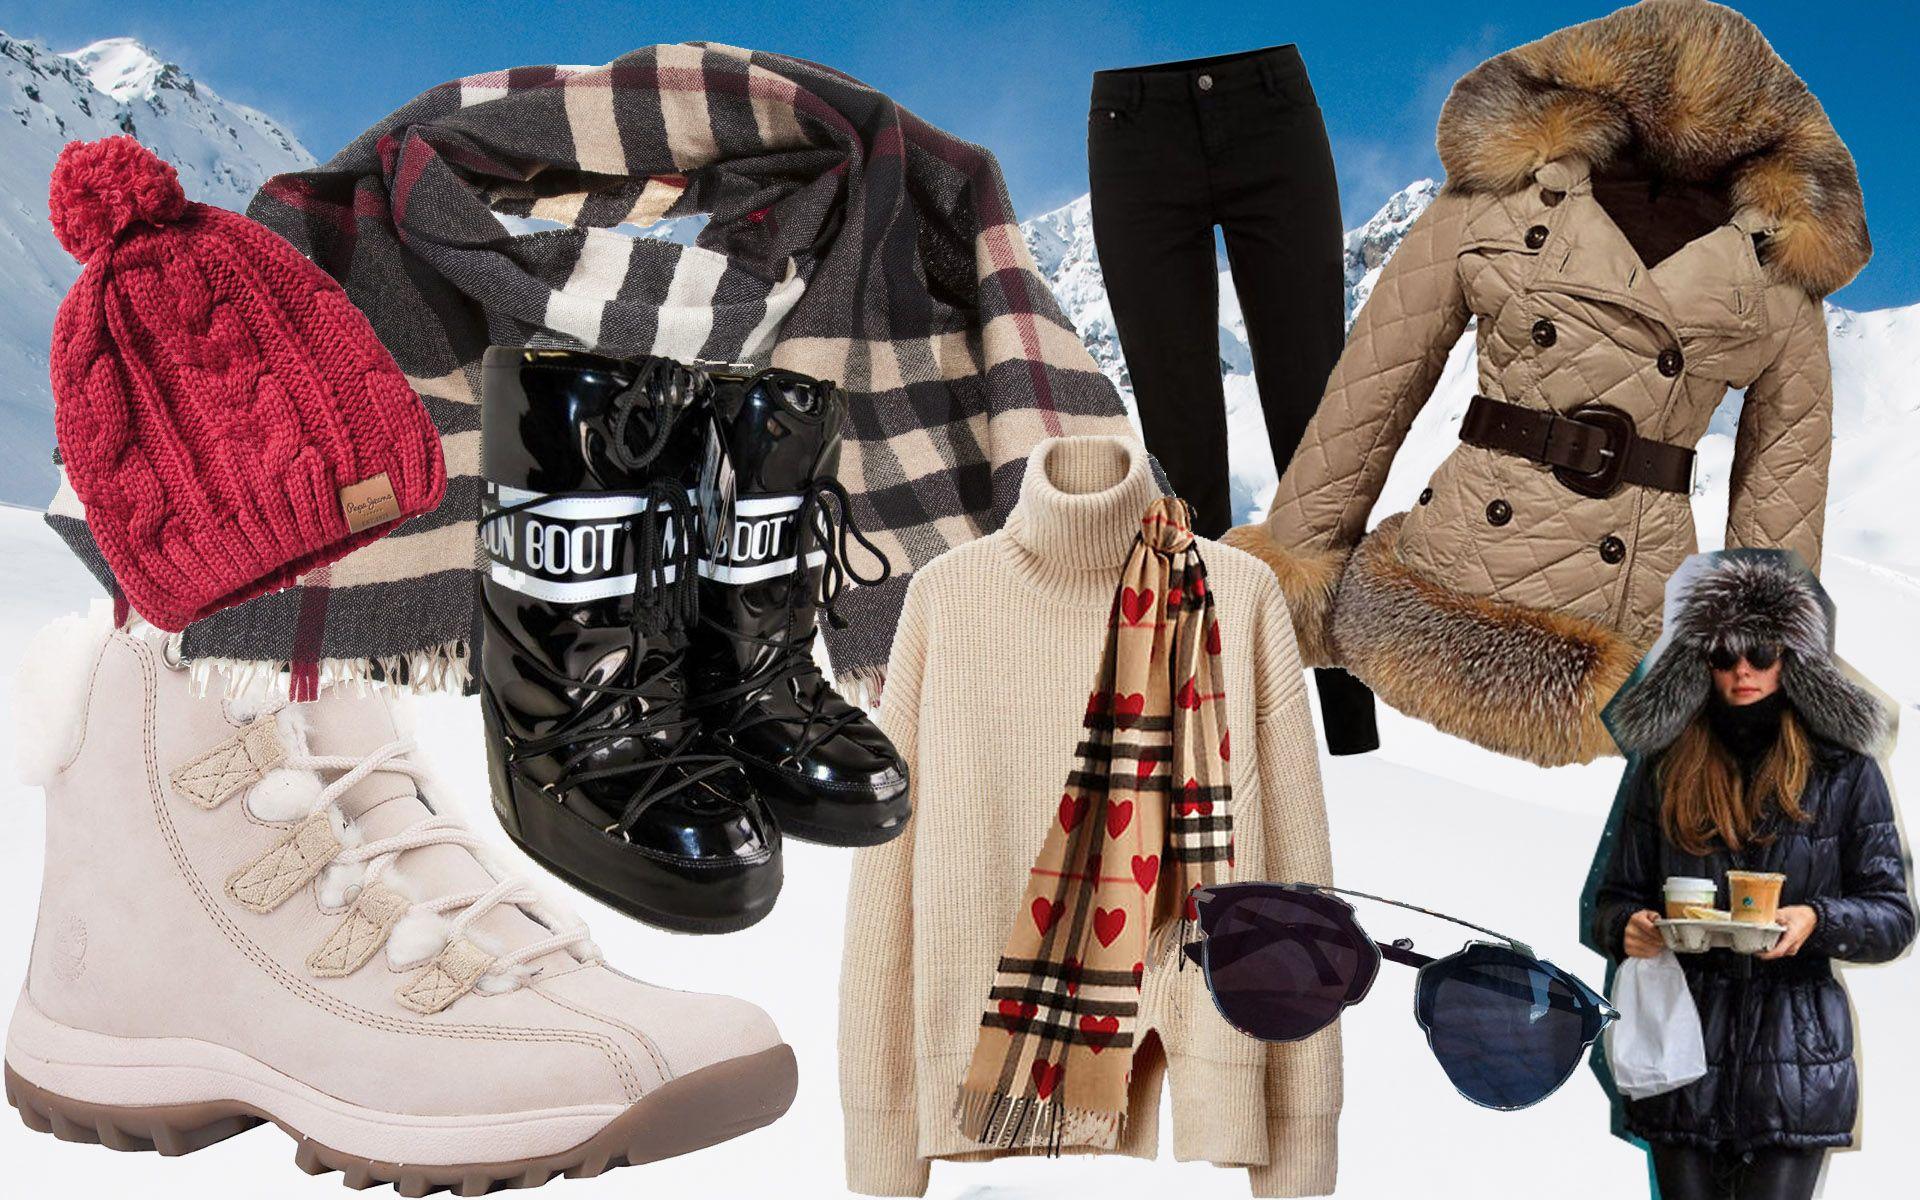 wholesale dealer 63b96 8b4ab L'abbigliamento da montagna - MilanoPlatinum.com